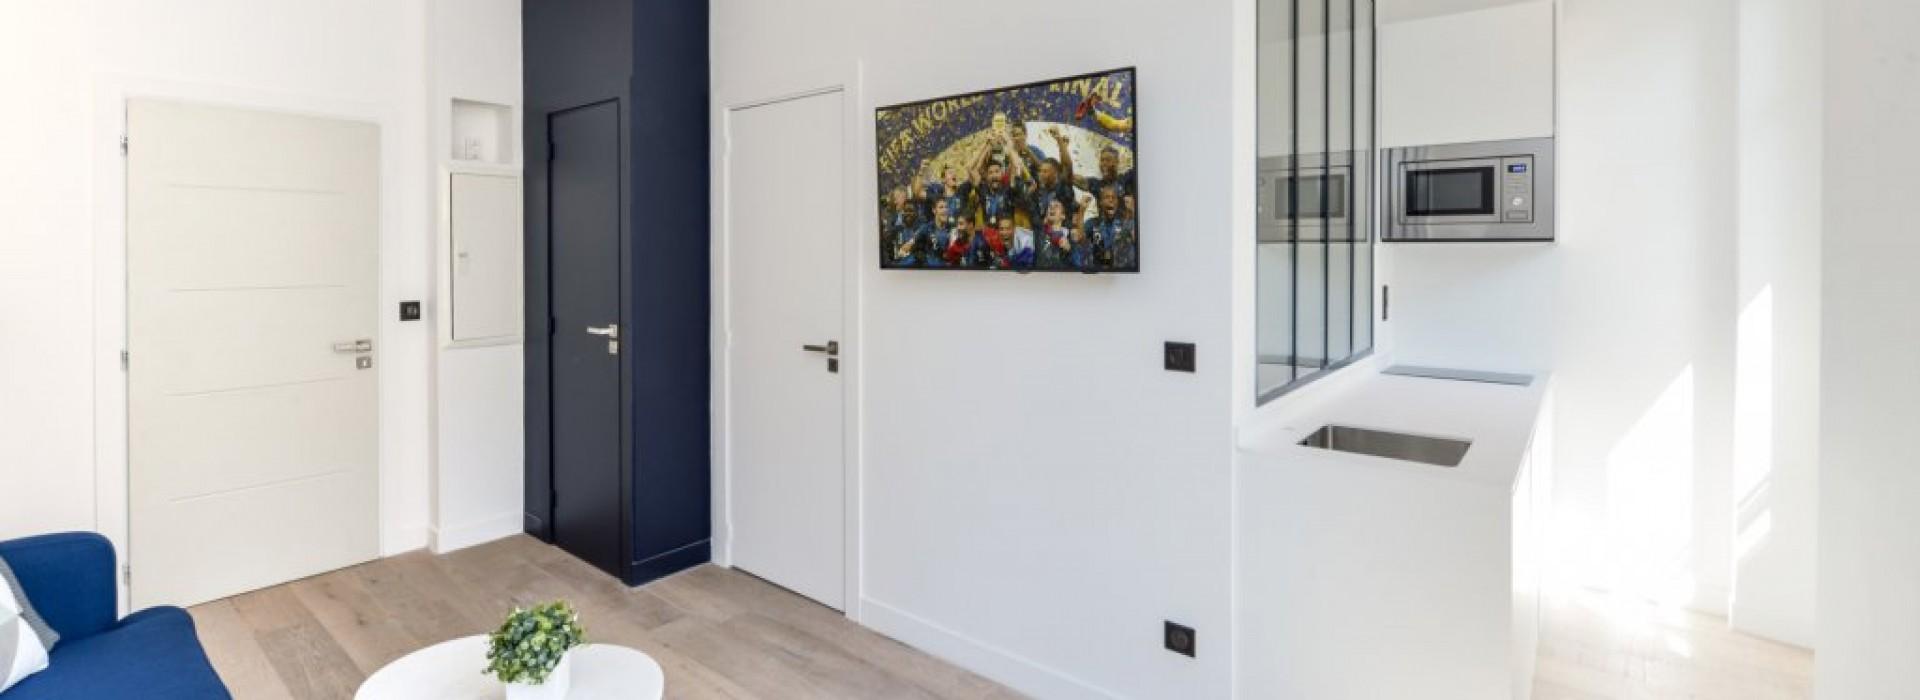 Appartement Nice 2 Pièces 23m2 215,000€